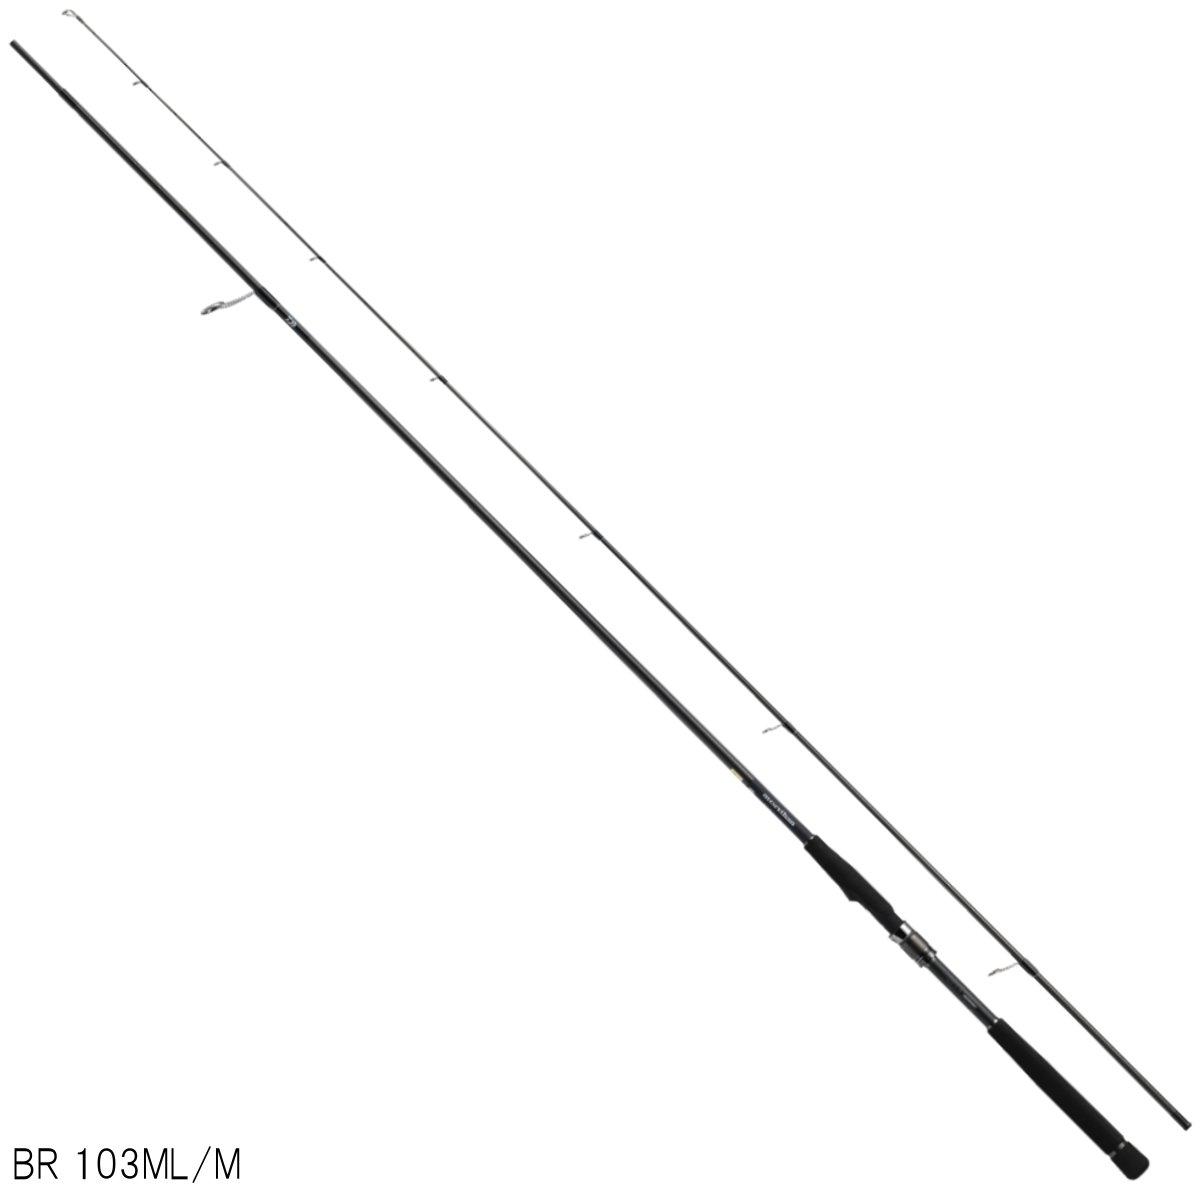 ダイワ モアザン(スピニングモデル) BR 103ML/M【大型商品】